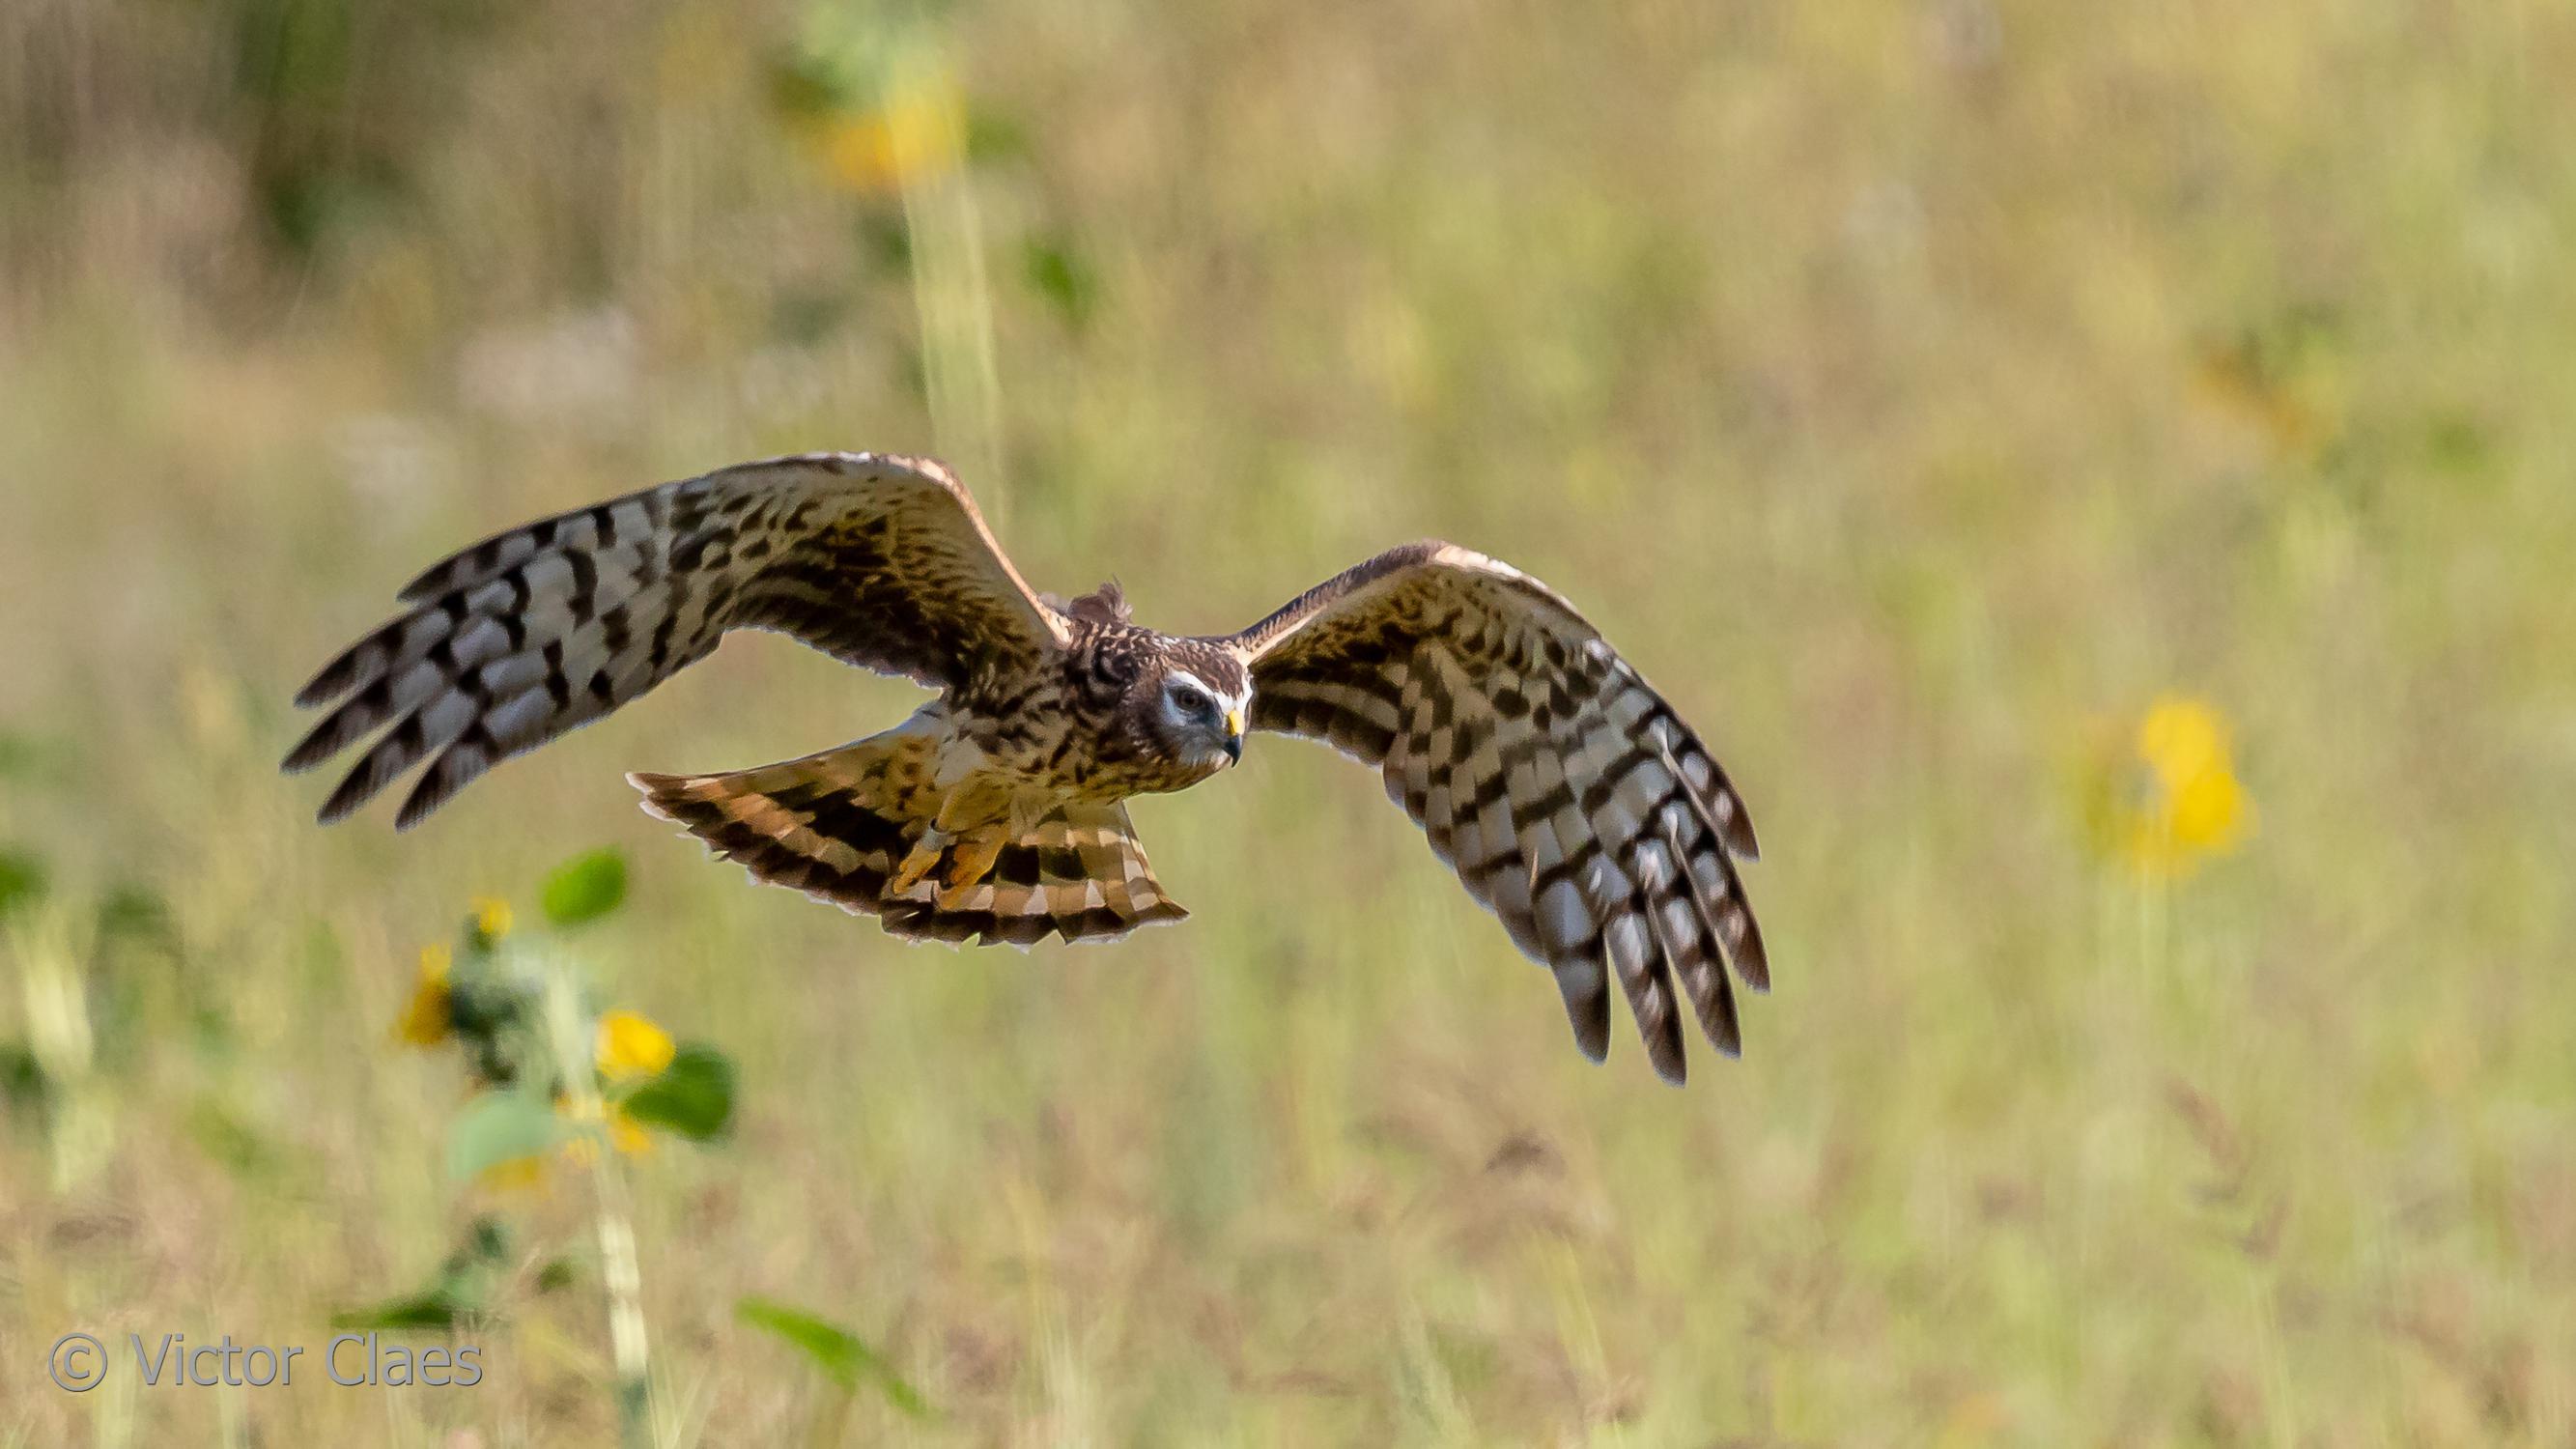 Kiekendief Anna slaat vleugels uit (en wij kunnen haar volgen)